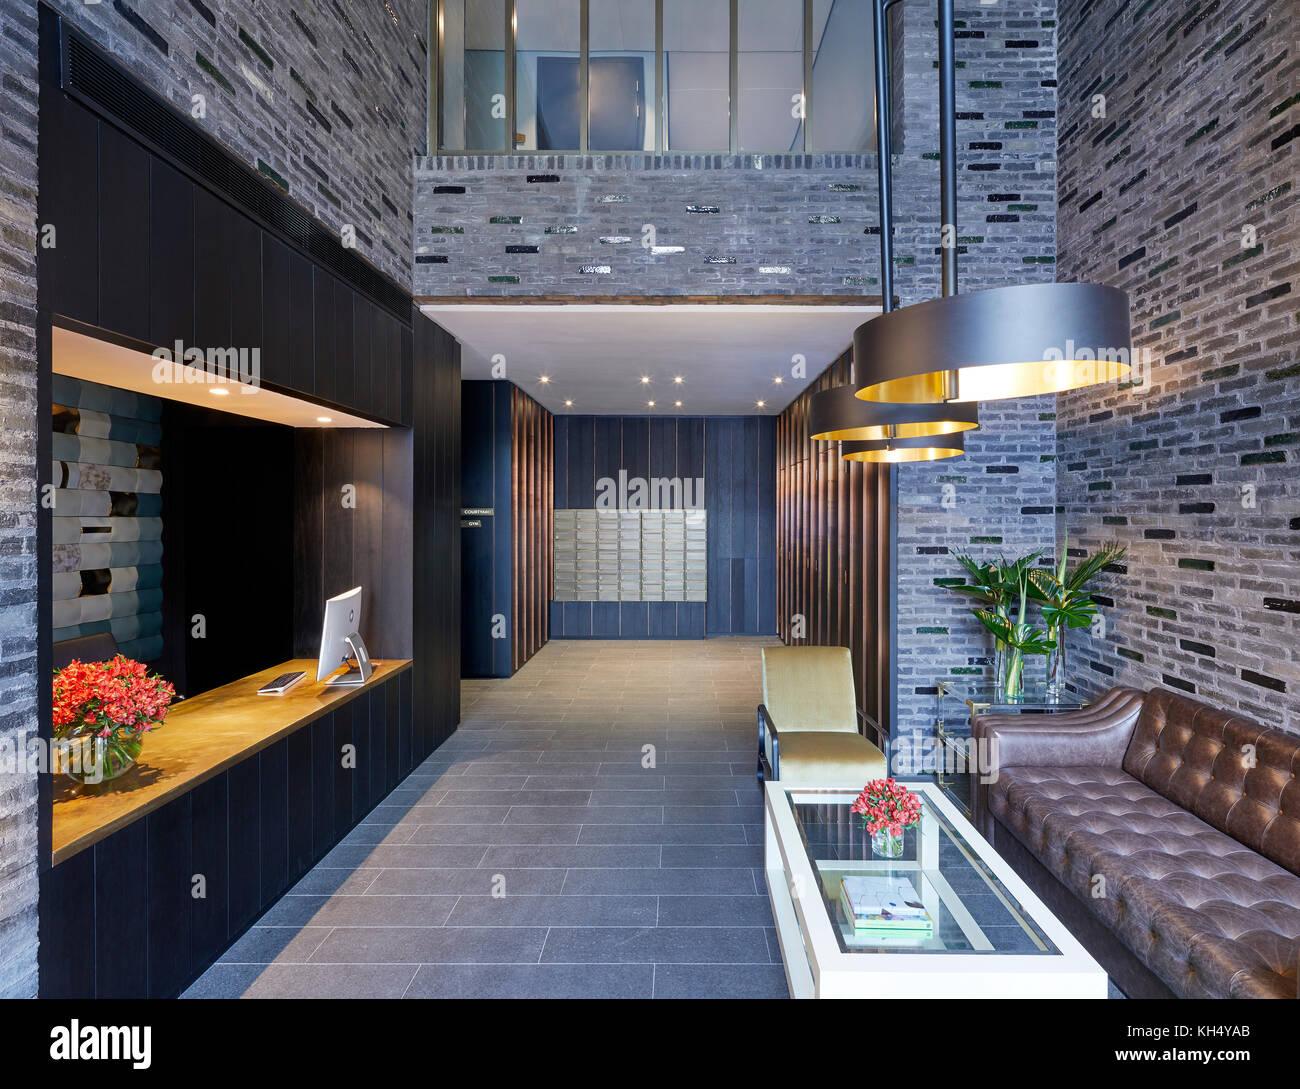 Innenraum Rezeption anzeigen. 55 Victoria Street, London, Großbritannien Architekt: steif+trevillion Architekten, Stockbild